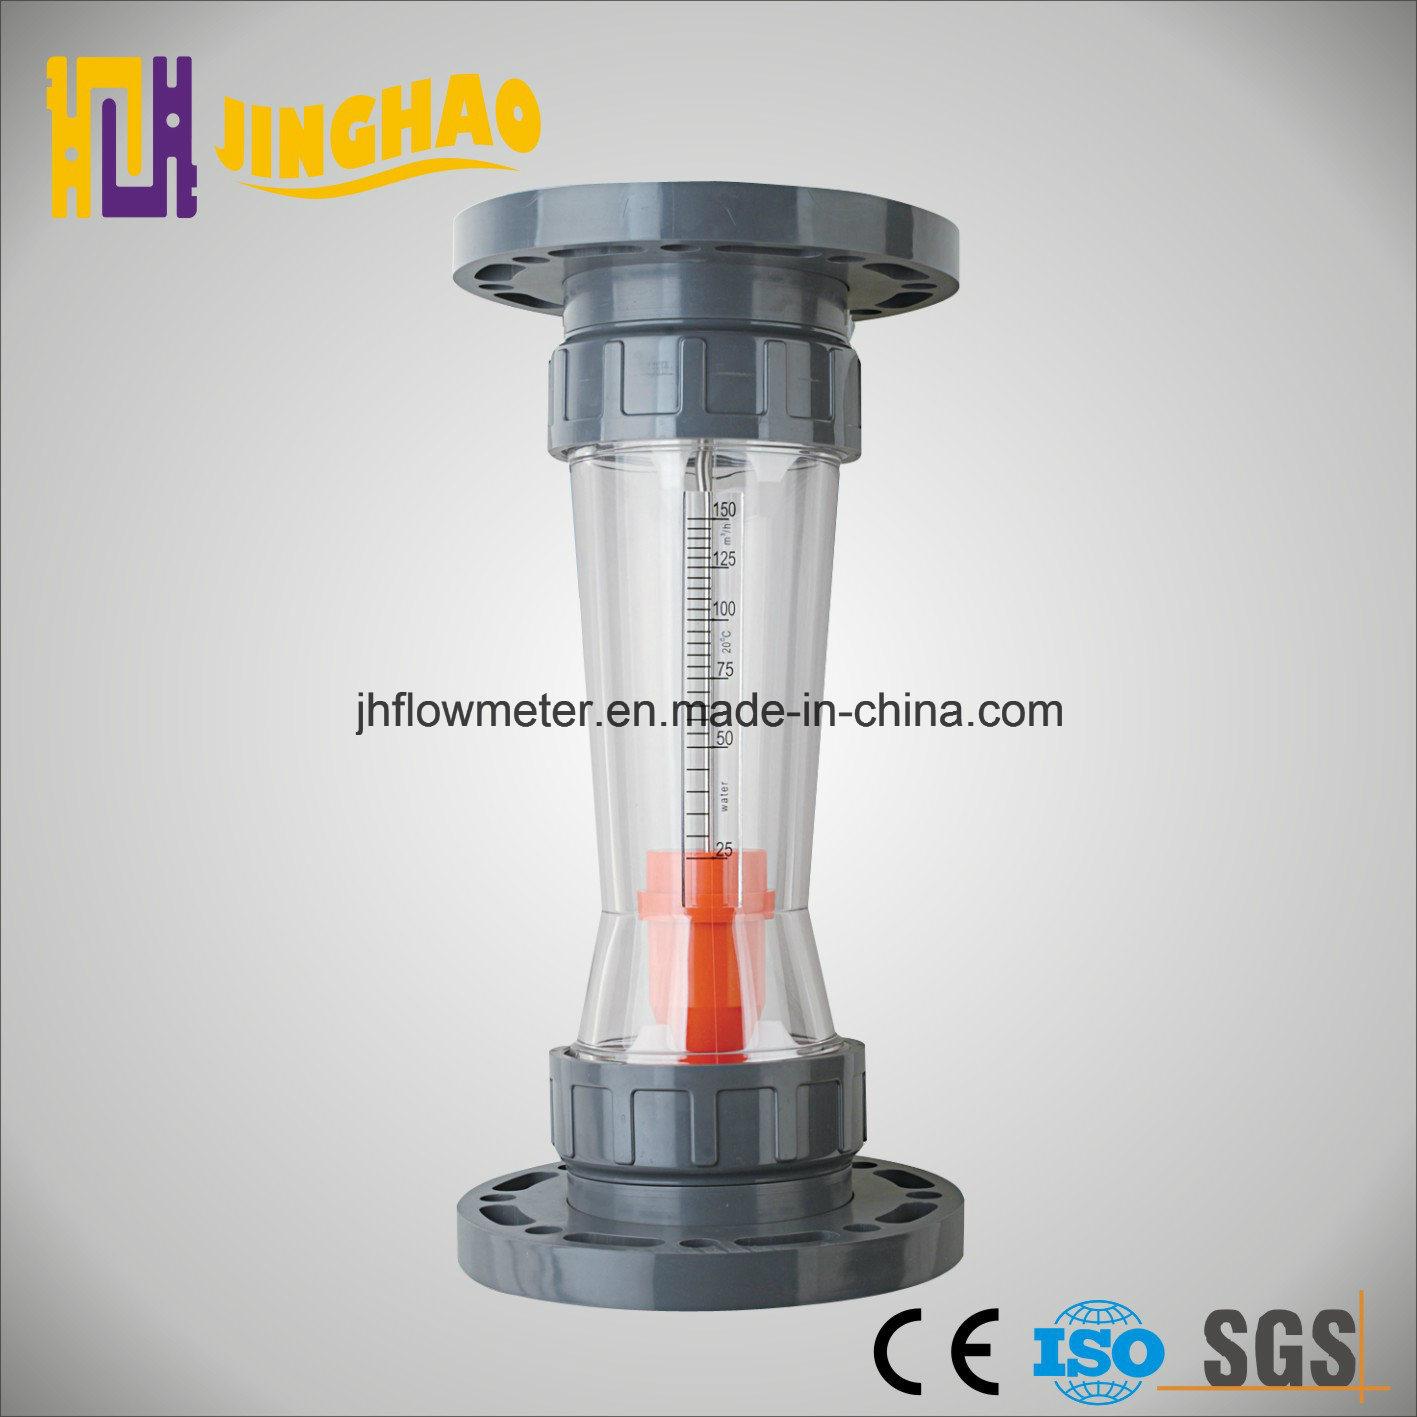 Lzt-S Plastic Tube Flowmeter (JH-LZT-15S)